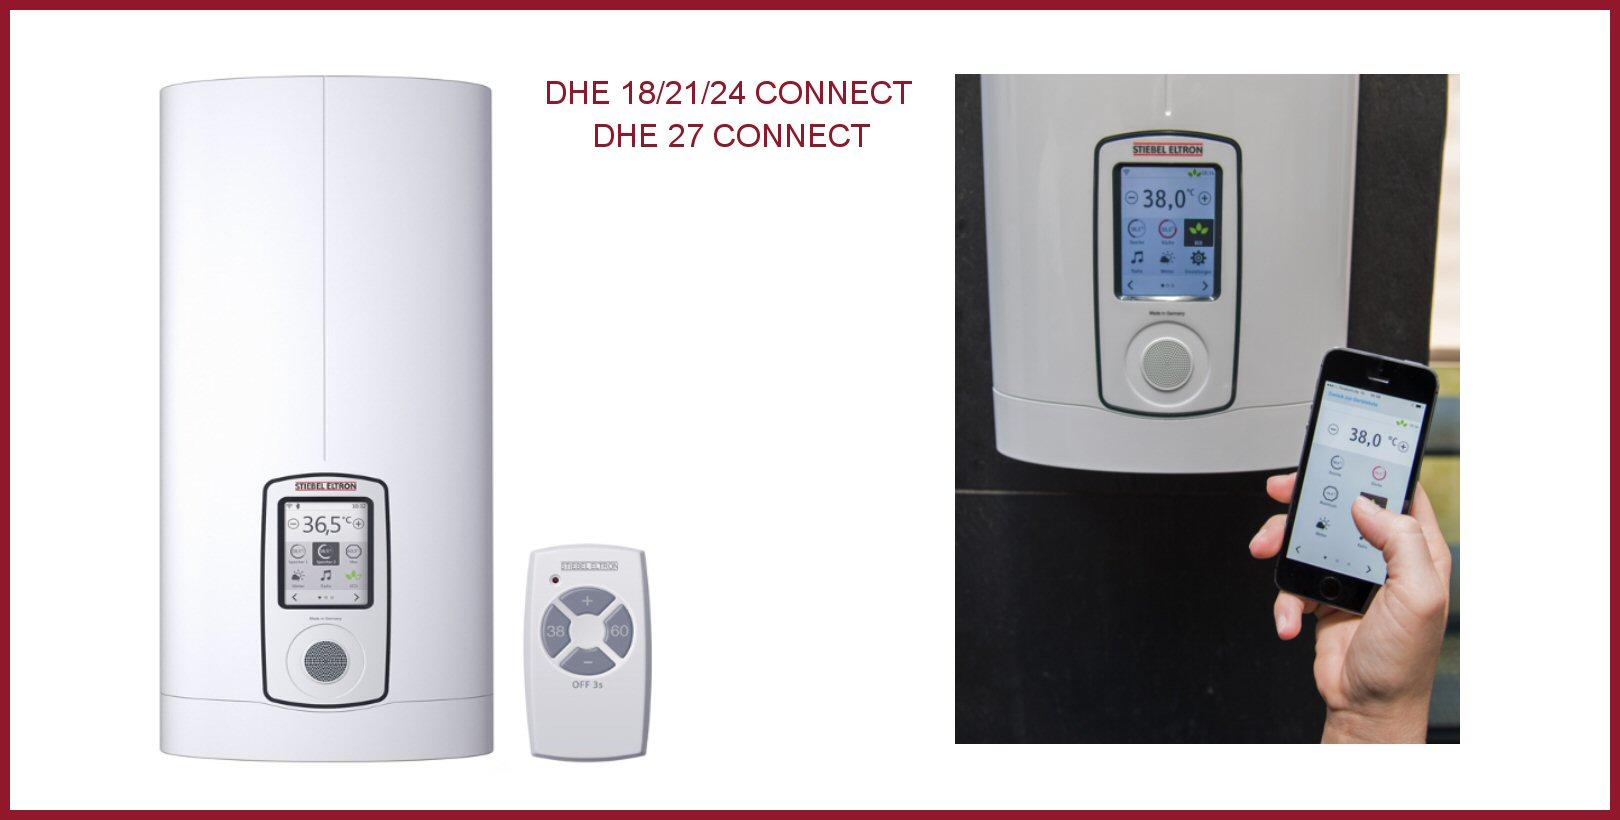 elektroniczny ogrzewacz wody dhe connect 18 21 24 premium 18kw 21kw 24kw stieb piece. Black Bedroom Furniture Sets. Home Design Ideas